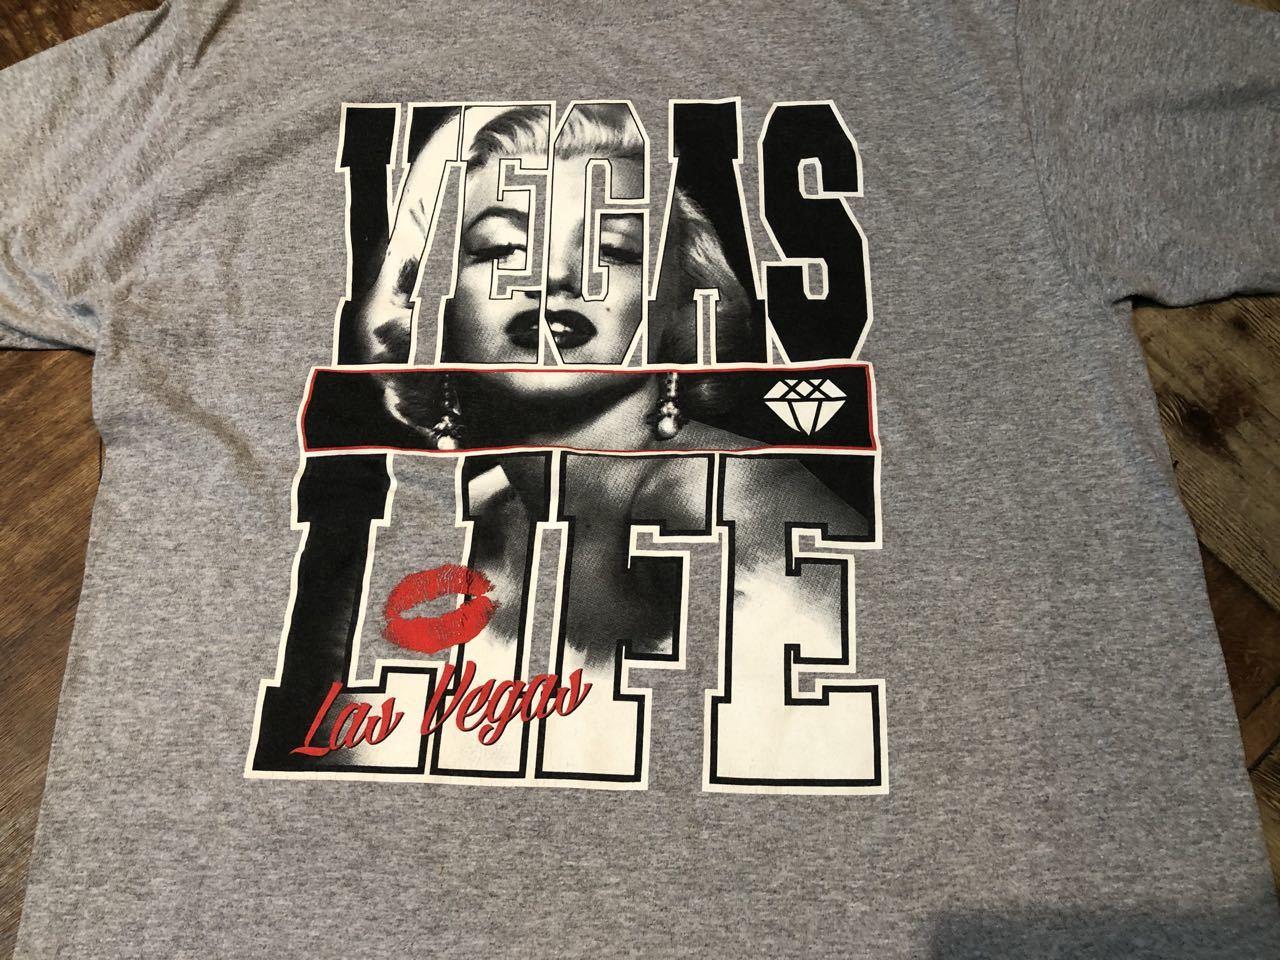 6月25日(木)入荷! マリリン モンロー VEGAS LIFE Tシャツ!_c0144020_13081710.jpg